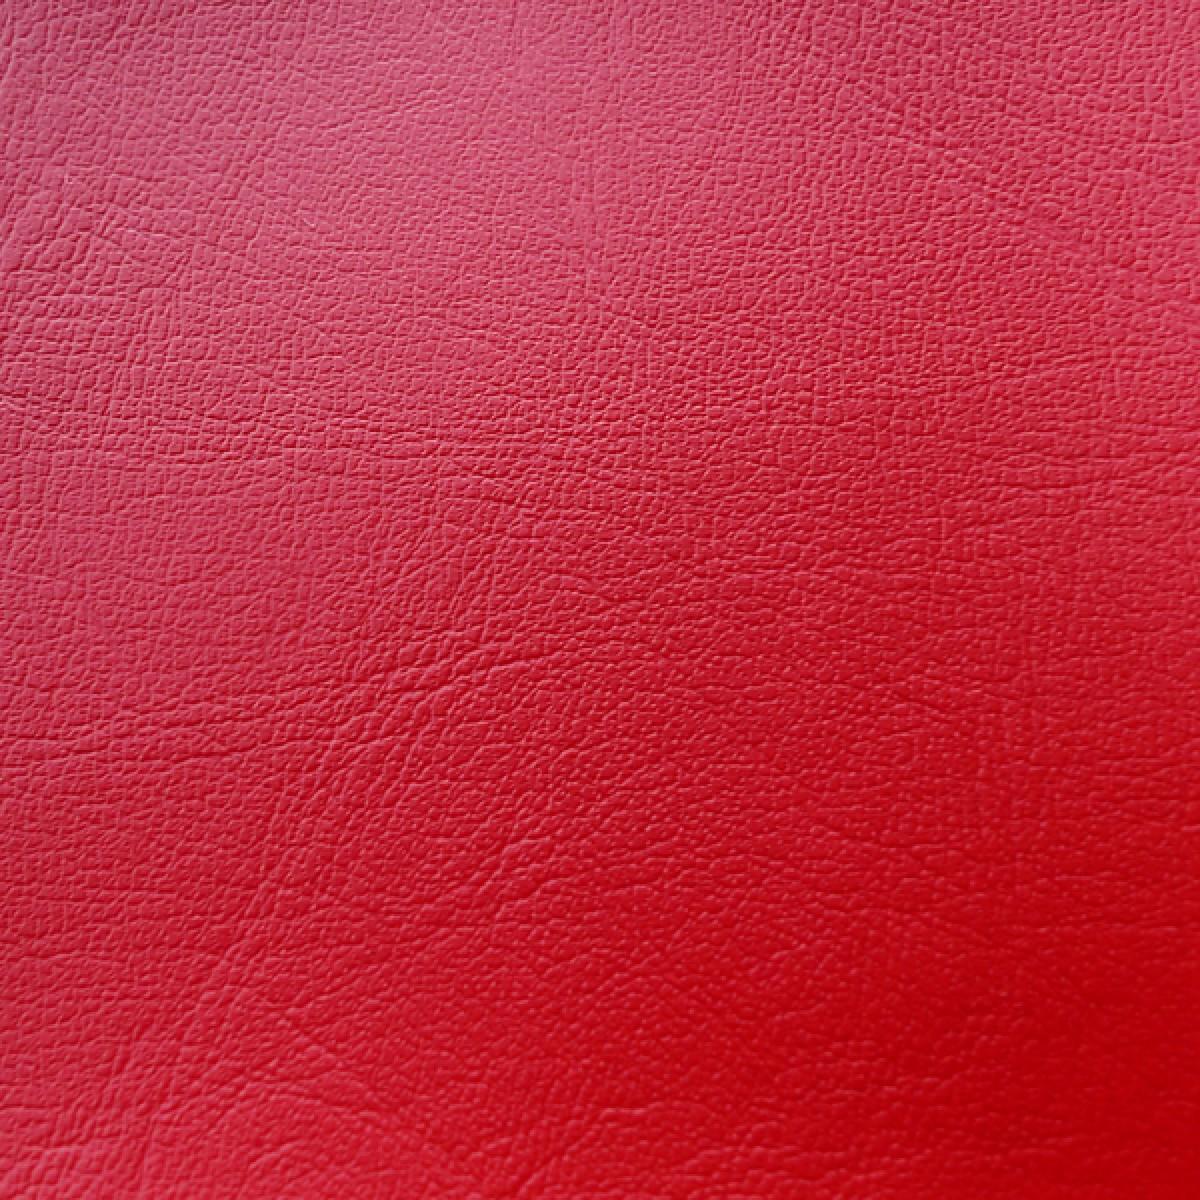 #020 Cardinal Red